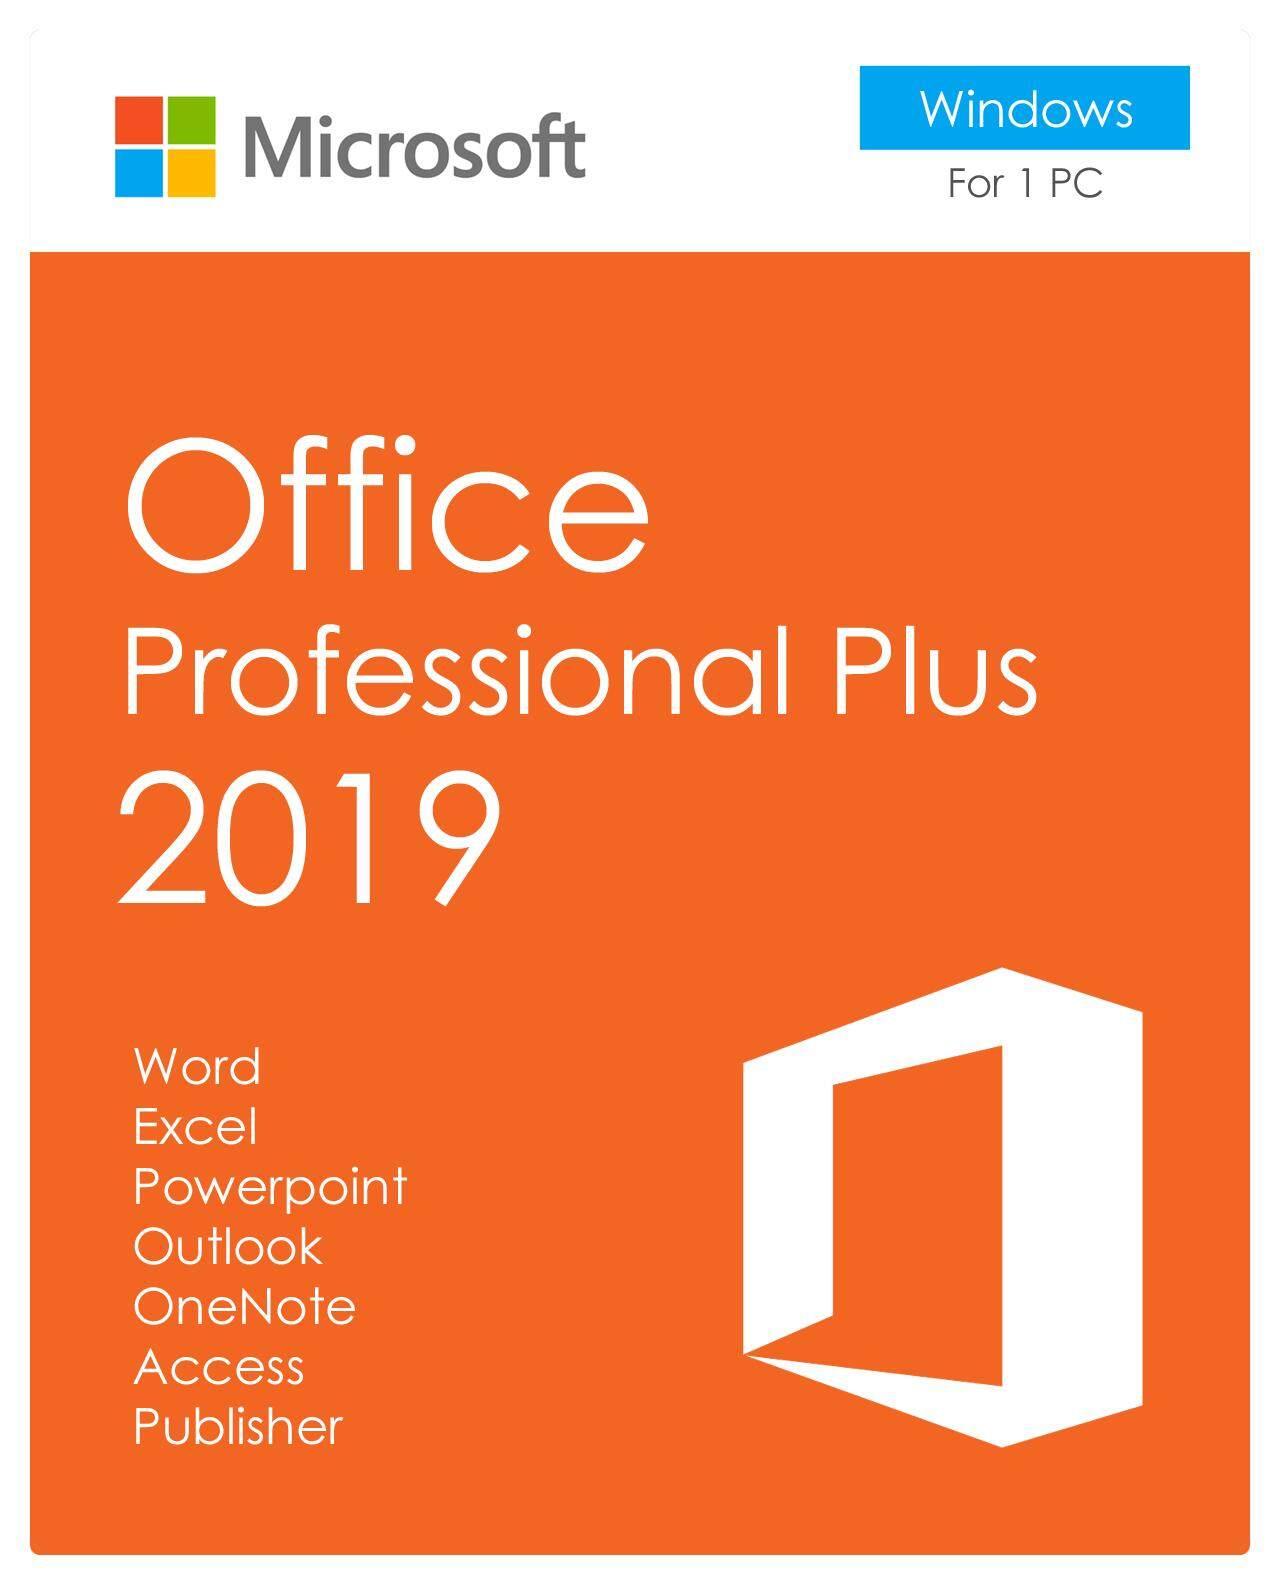 (แ ค่ส่งในแchat,ไม่ต้องจ่ายค่าส่งc) Microsoft Office 2019 / 2016 ไมโคร ซอฟท์ ออฟฟิศ Pro Plus 2019 100% ของแท้จากเว็บไซต์ ,สามารถอัปเดตตลอดเวลา 1pc 1a (วินโดว์ 10).